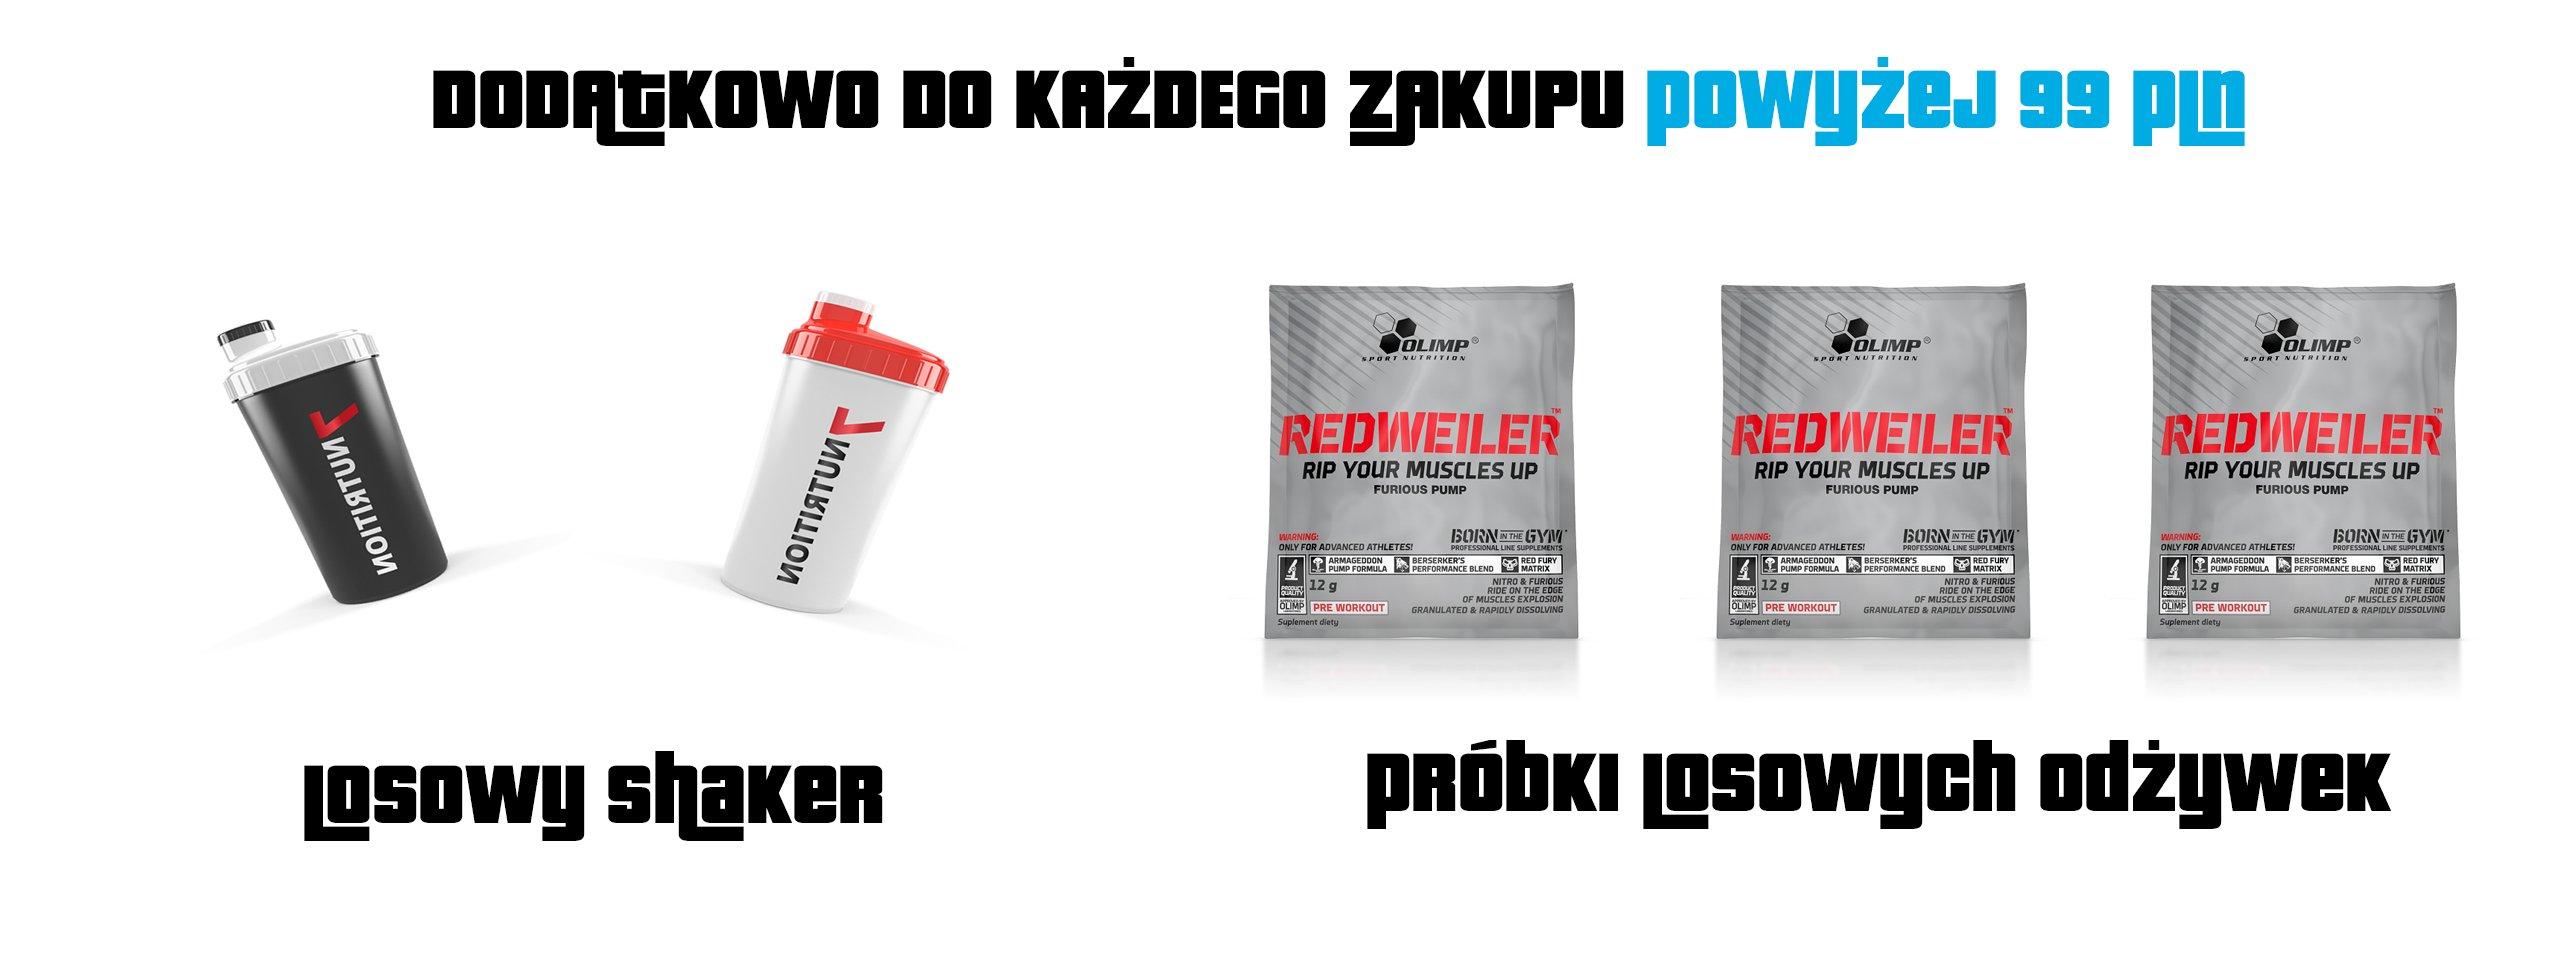 7nutrition Whey Isolate 90 Czekolada 500g Biako 6911918955 Protein Wpi 500gr